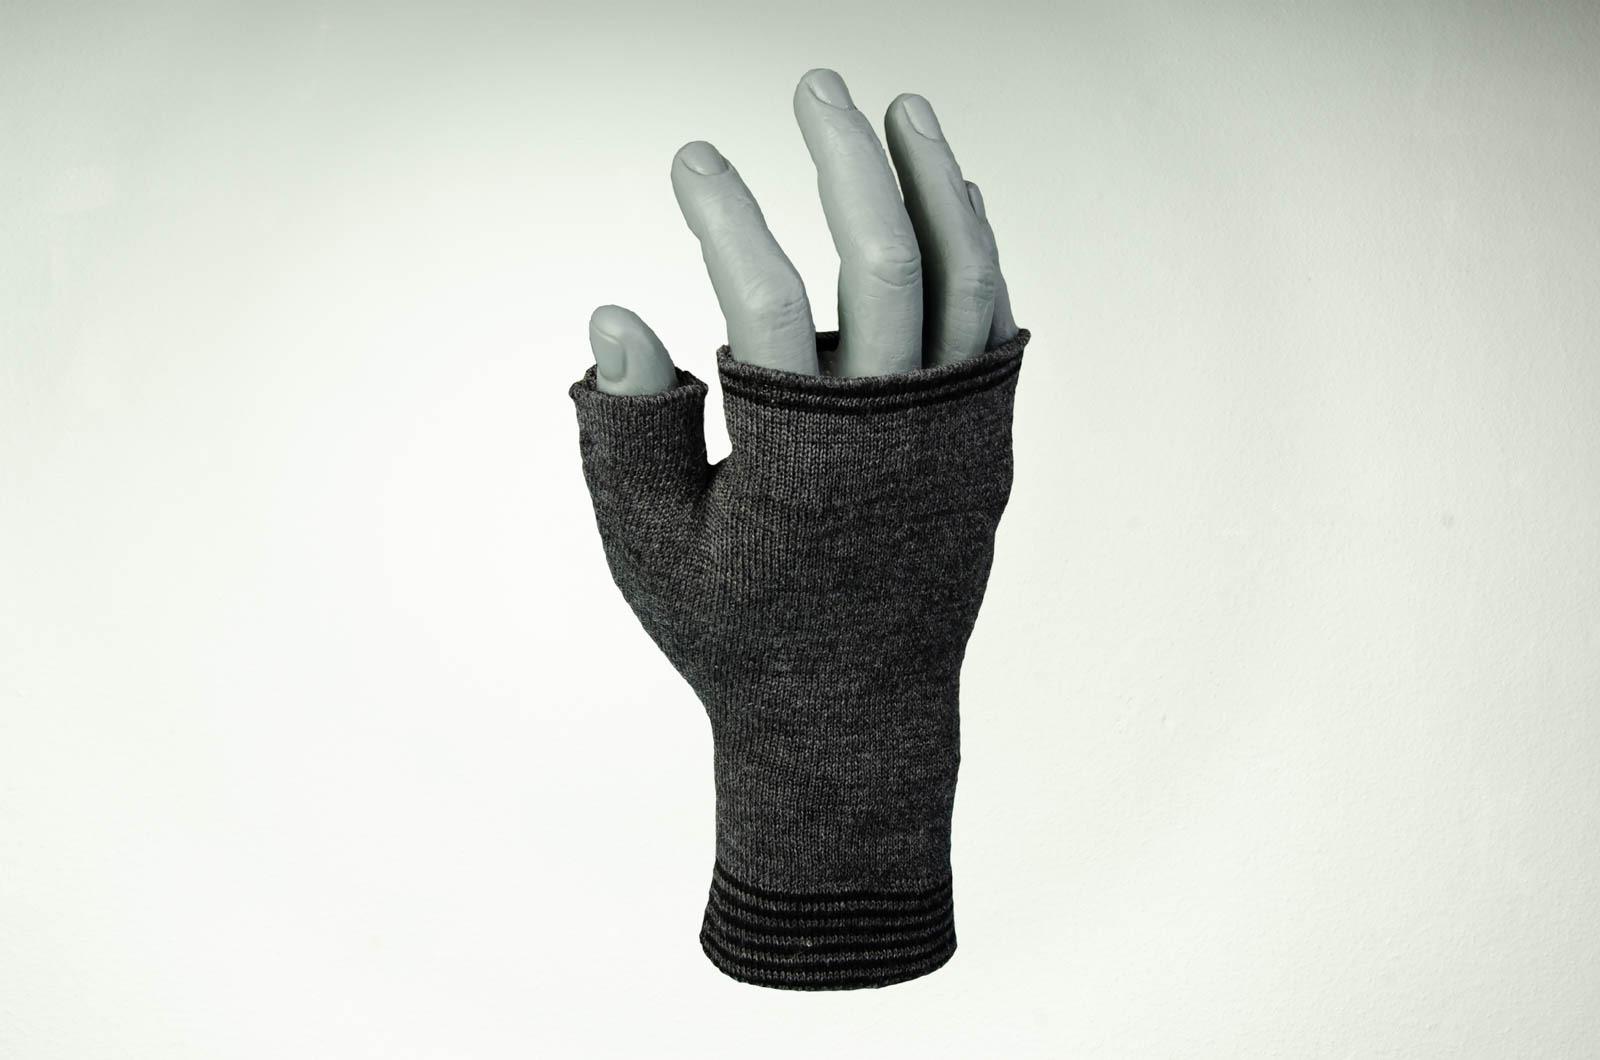 Merino Handwärmer Herren in dunkelgrau und